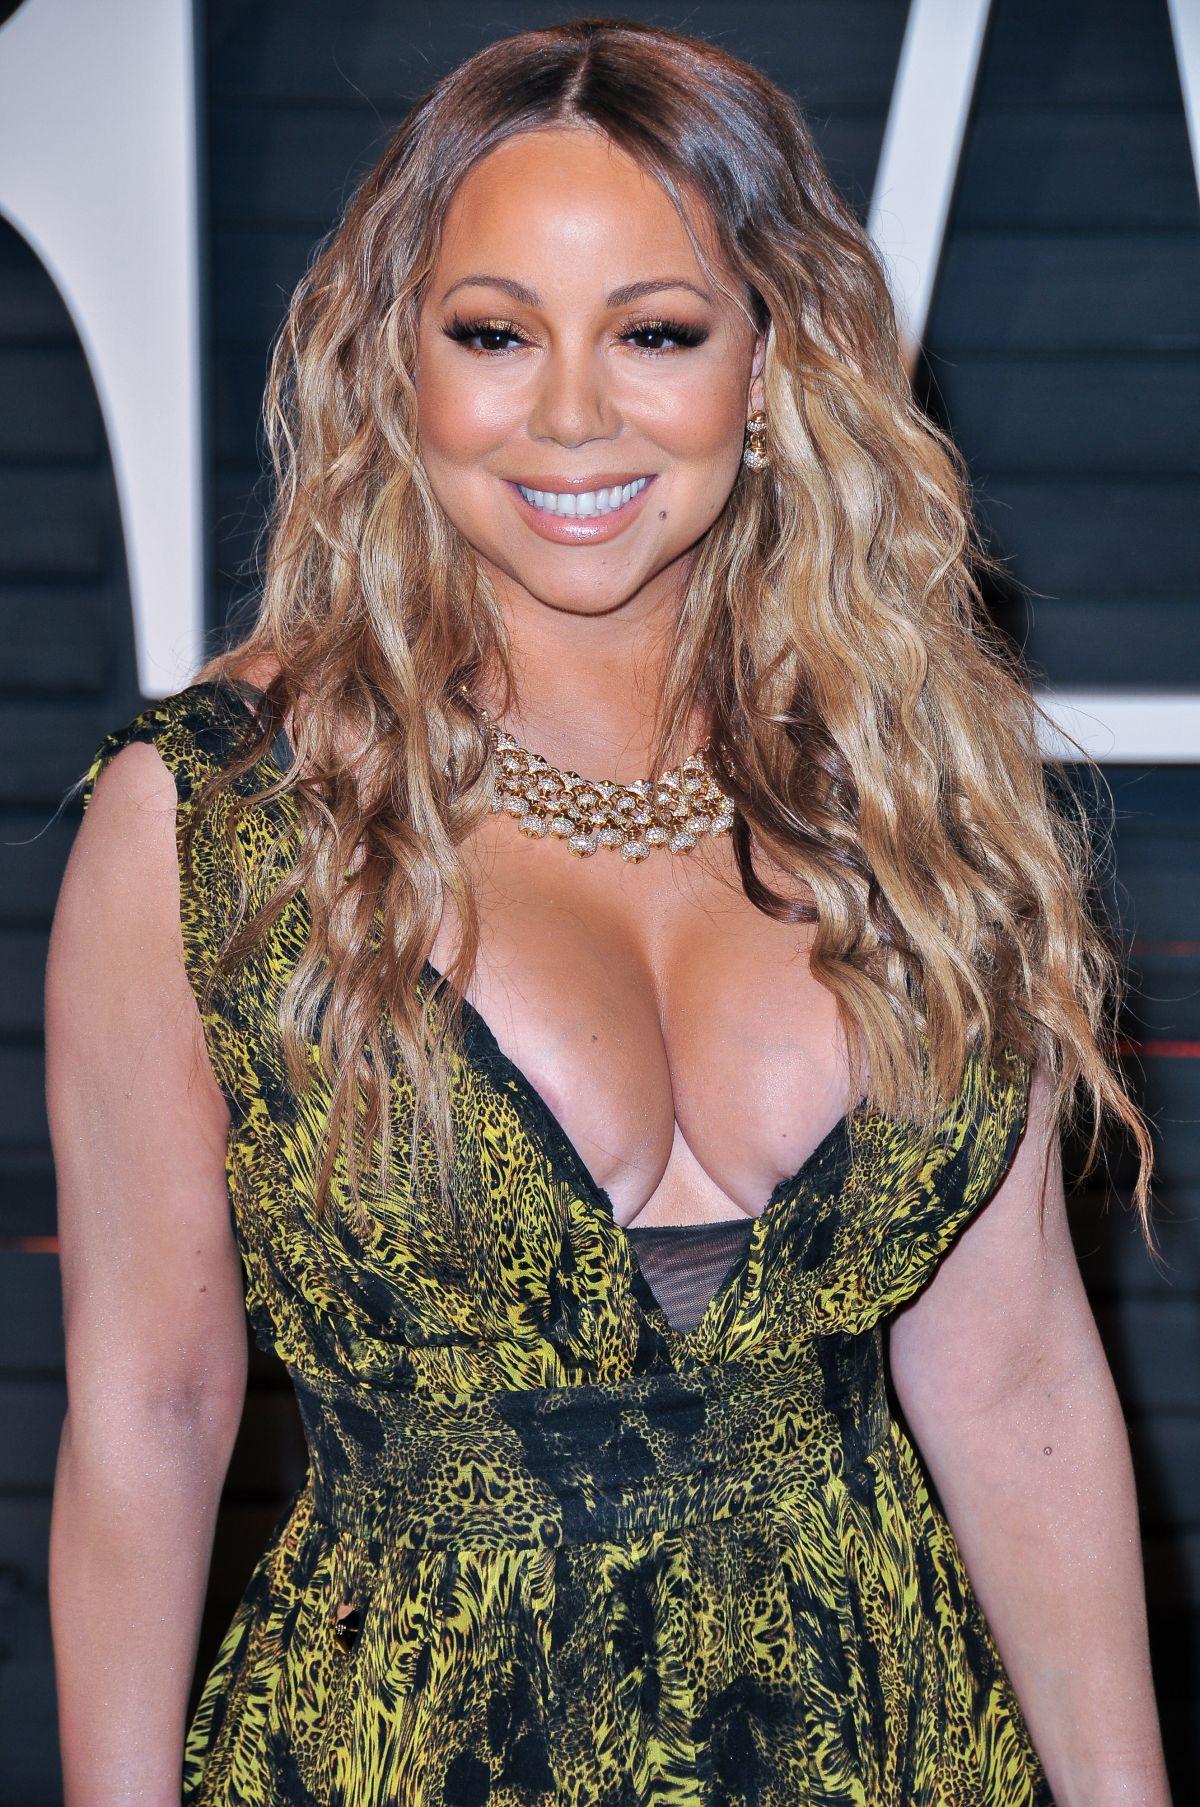 Mariah Carey Archives - HawtCelebs - HawtCelebs Mariah Carey